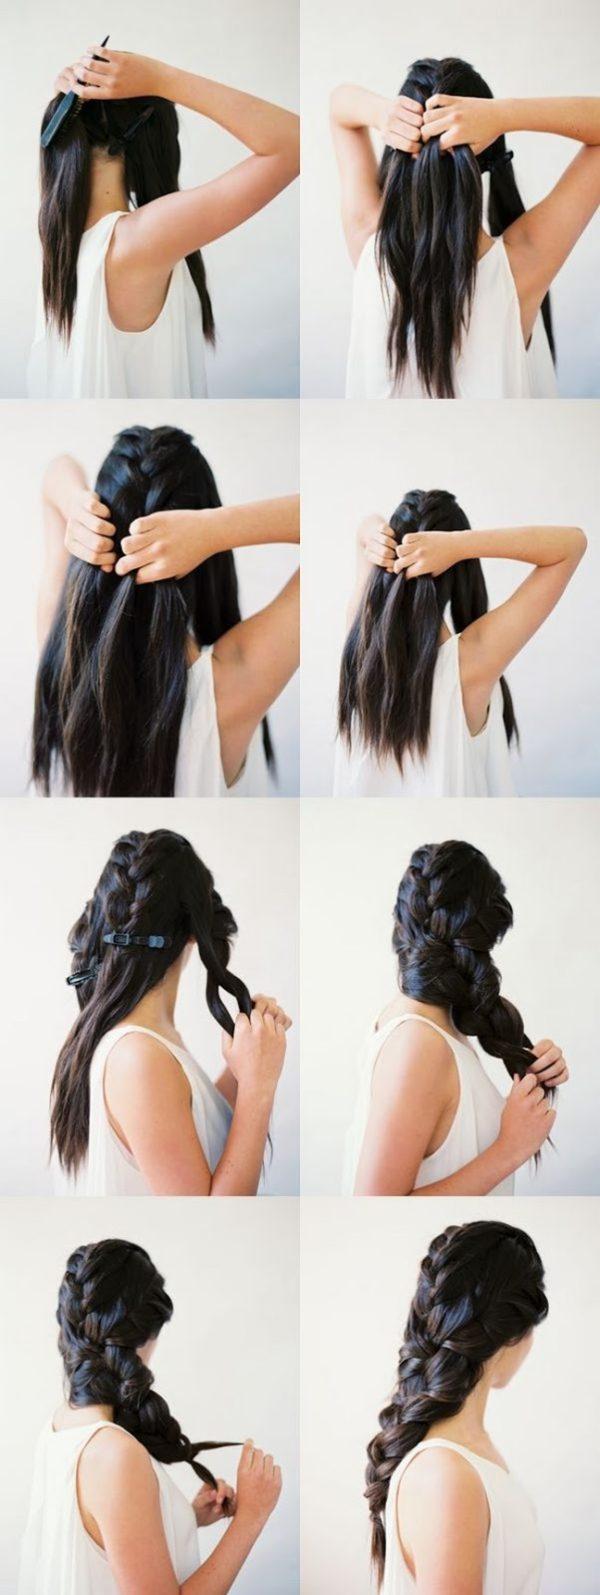 peinados-faciles-paso-a-paso-trenzas-triple-trenza-creacion